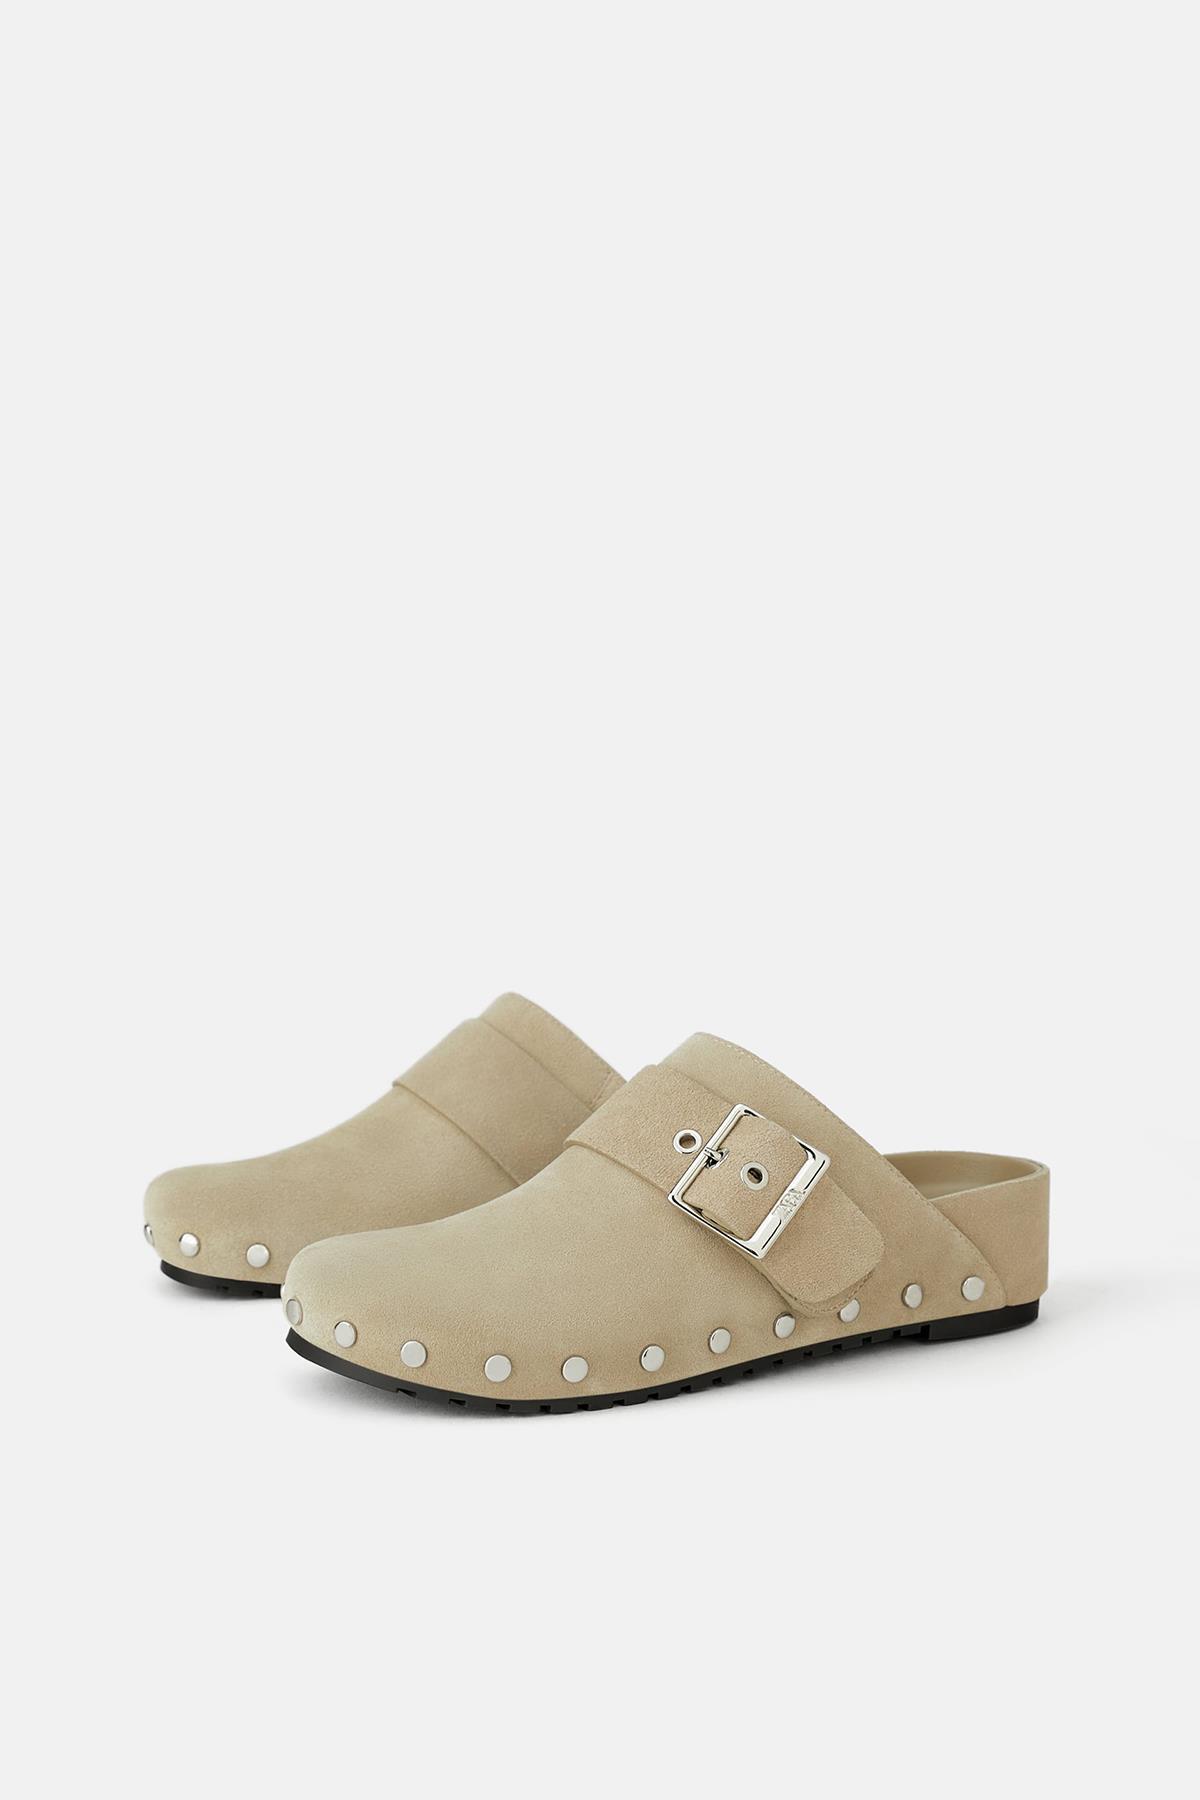 71aceba15d 6-zuecos-premama-zapato-plano-zara. Zapatos planos para premamás